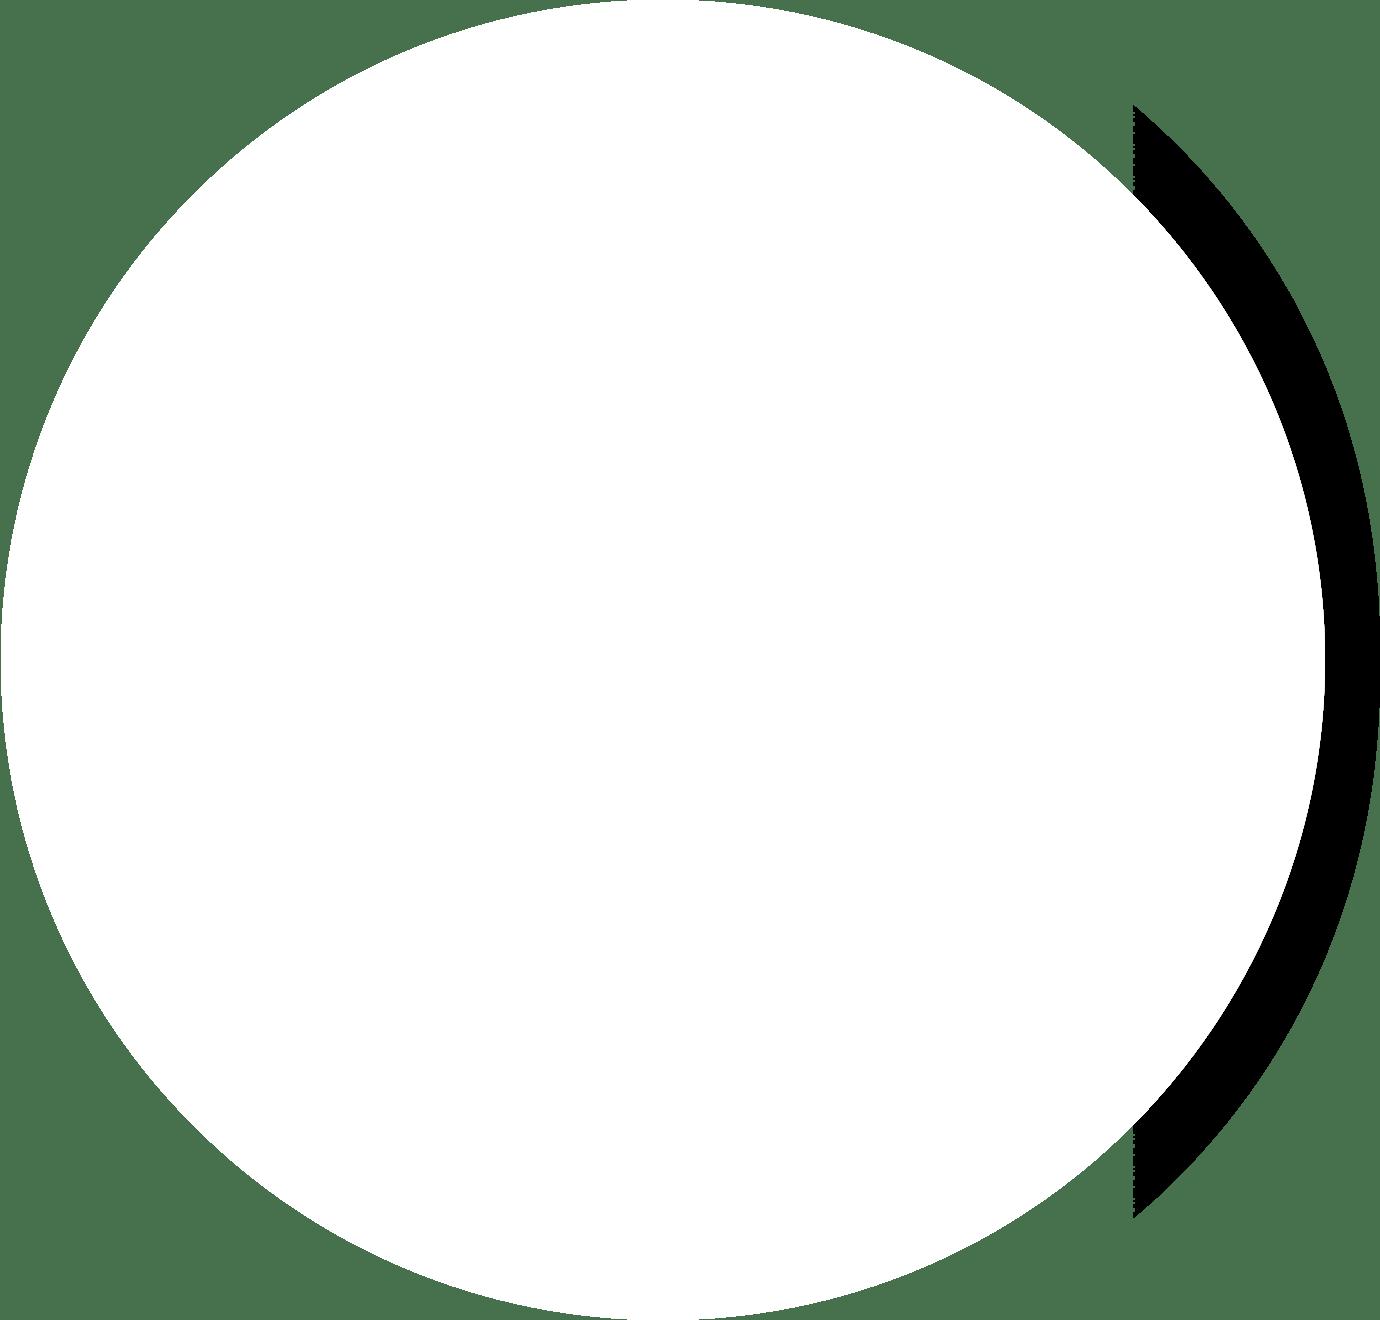 wit met shade 2 (copy)